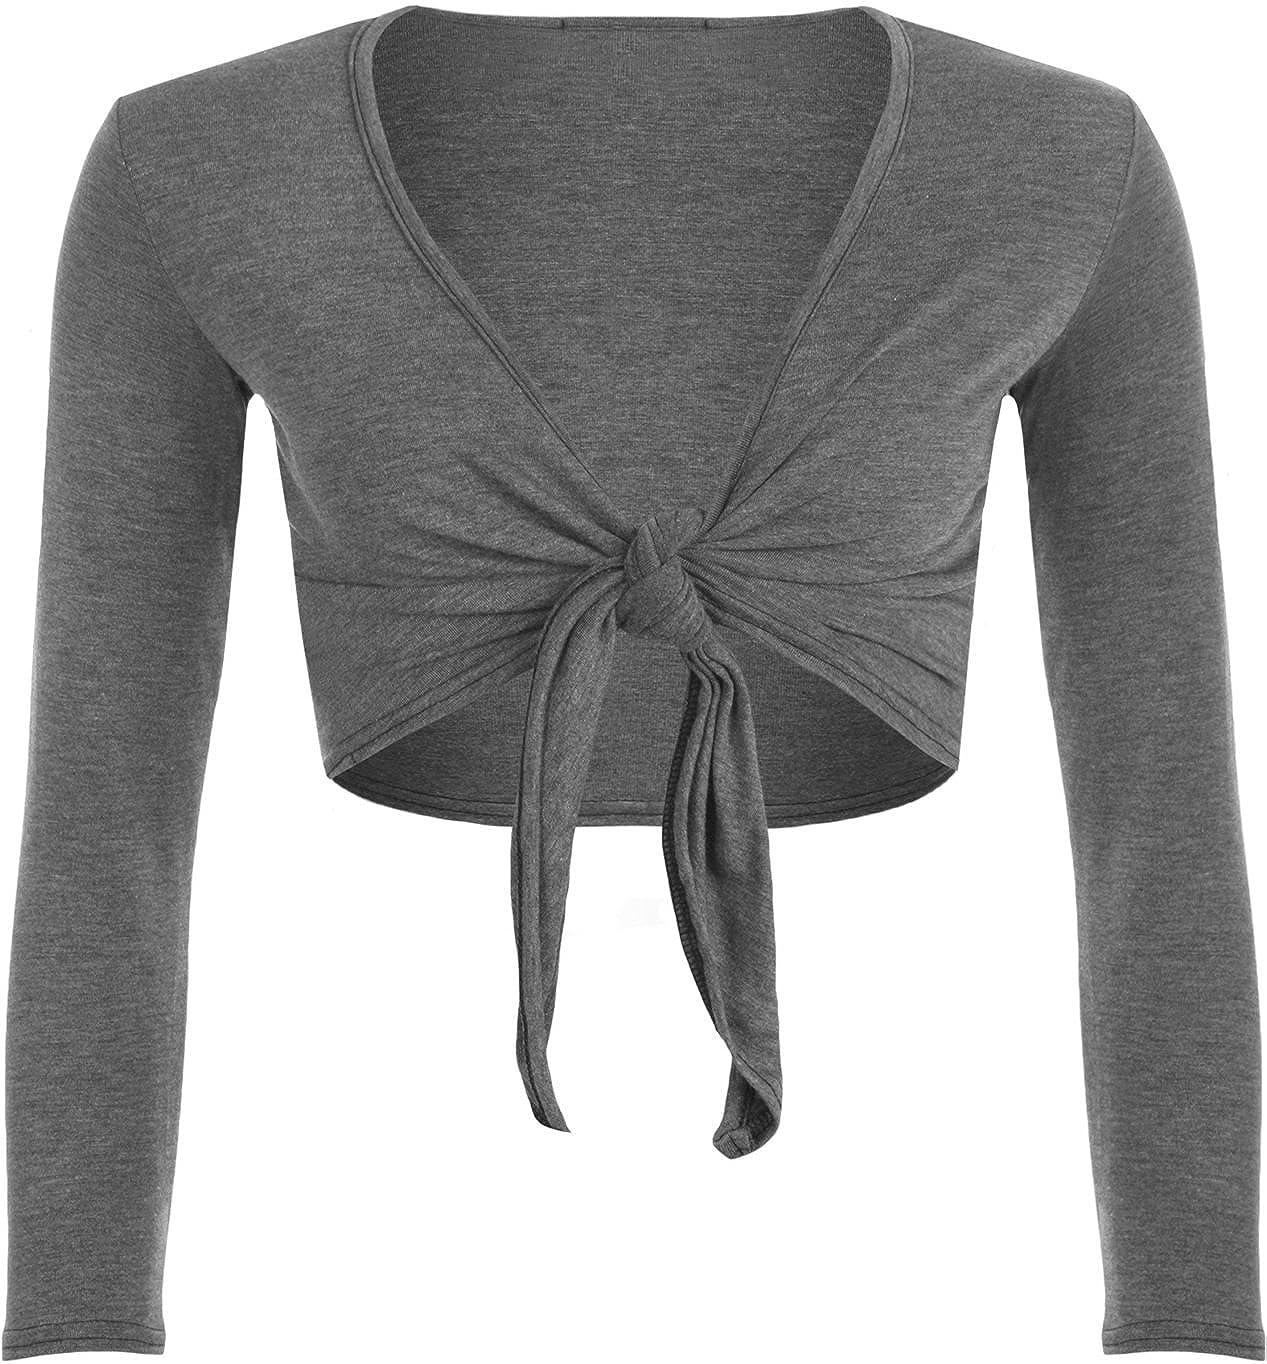 WearAll - alzata vincolerebbero easybiz donna a maniche lunghe Top - 7 colori - dimensioni 36-42 21132